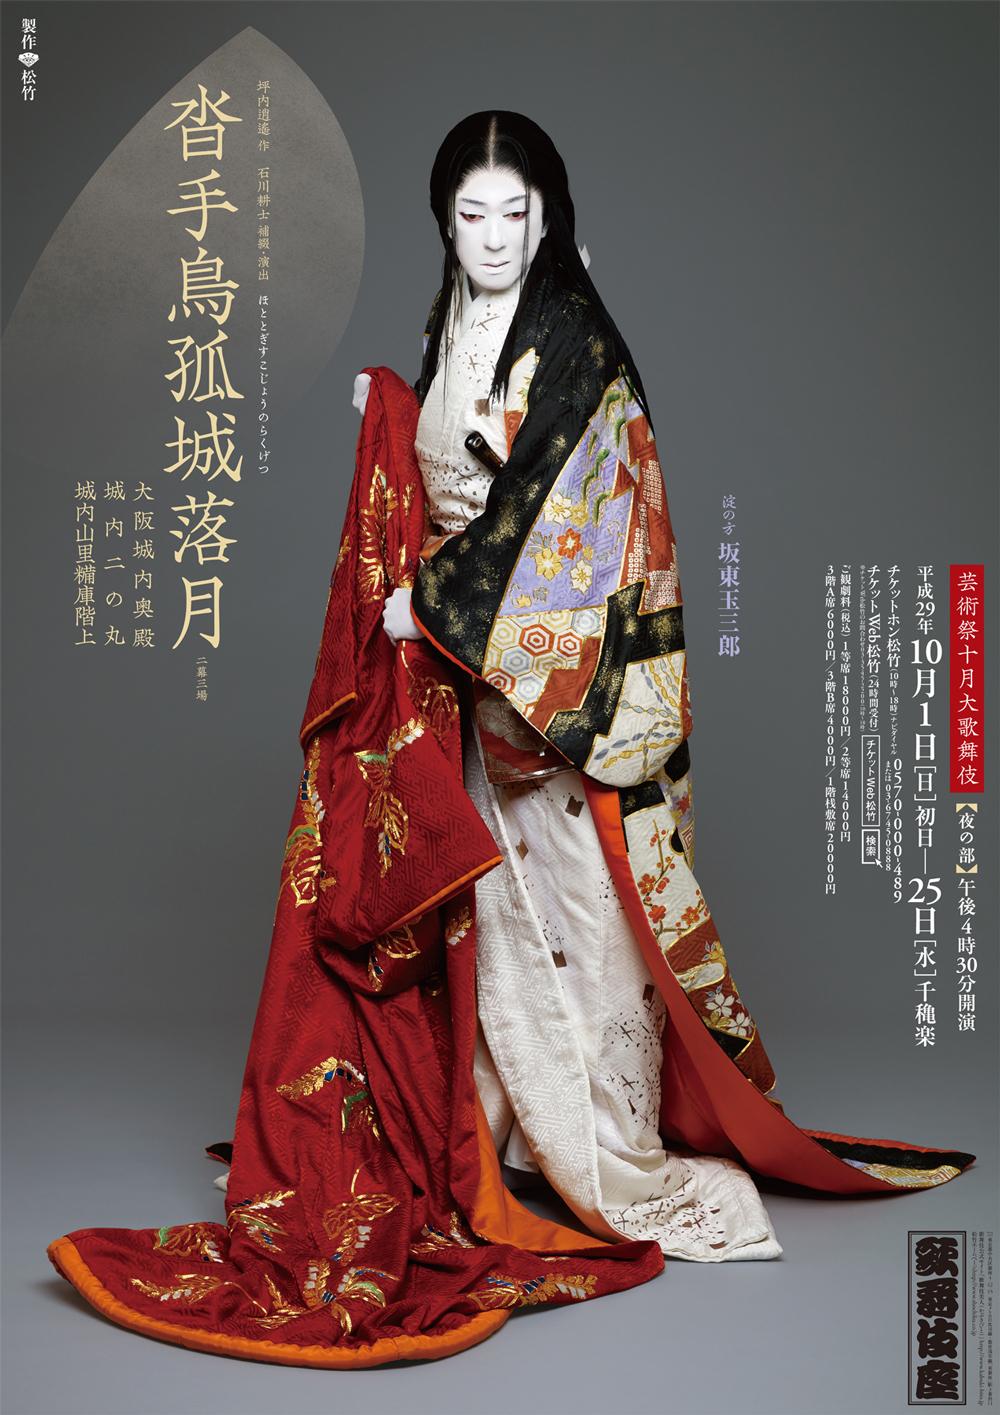 歌舞伎座「芸術祭十月大歌舞伎」...